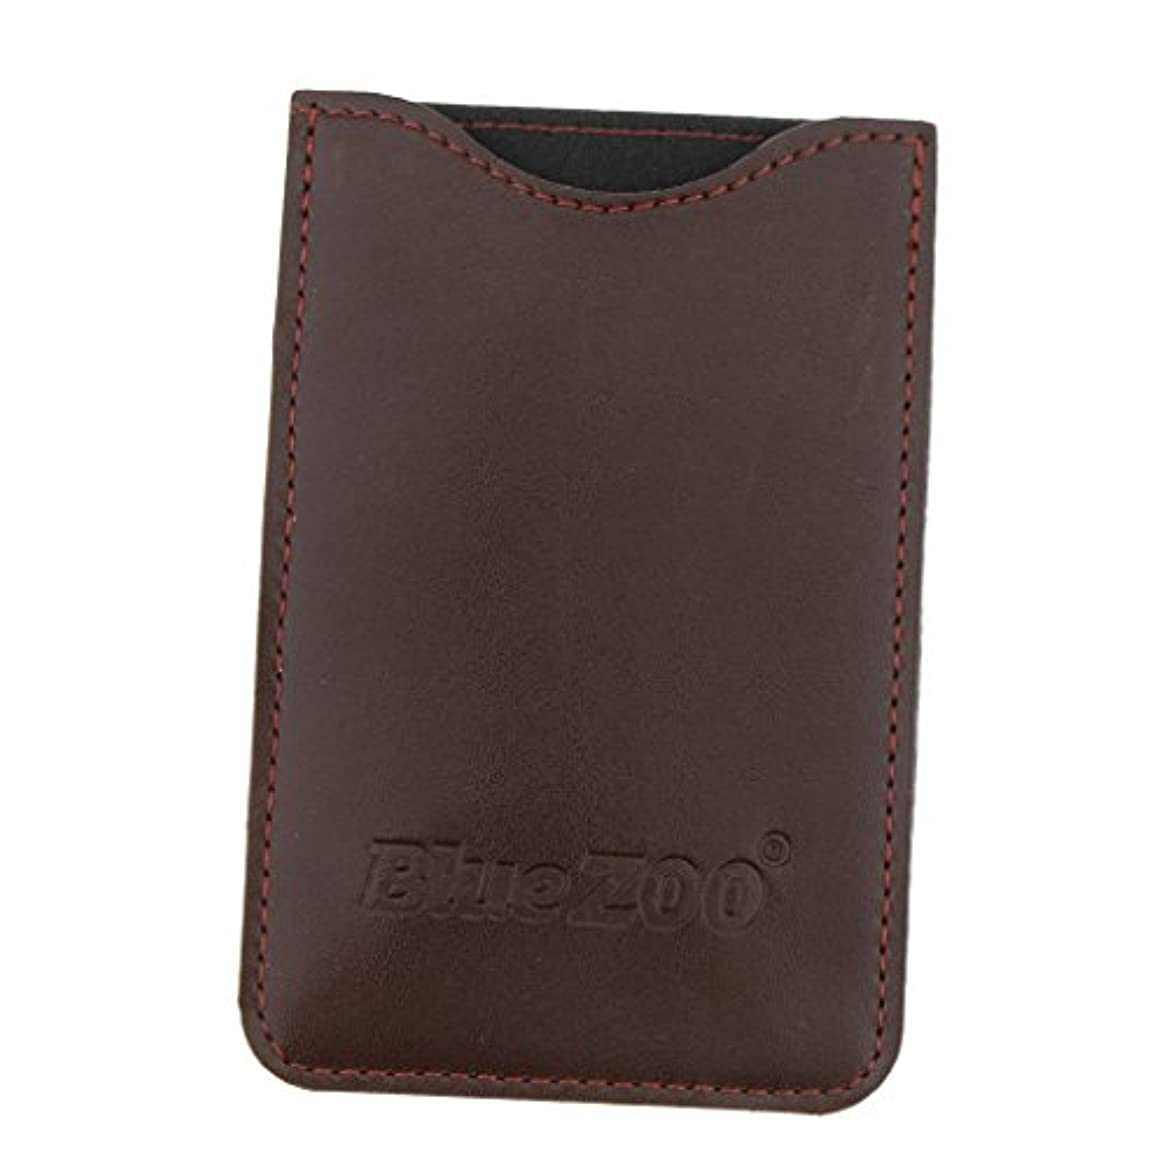 転用必要性要旨収納パック 収納ケース 保護カバー 櫛/名刺/IDカード/銀行カード 旅行 便利 全2色 - 褐色